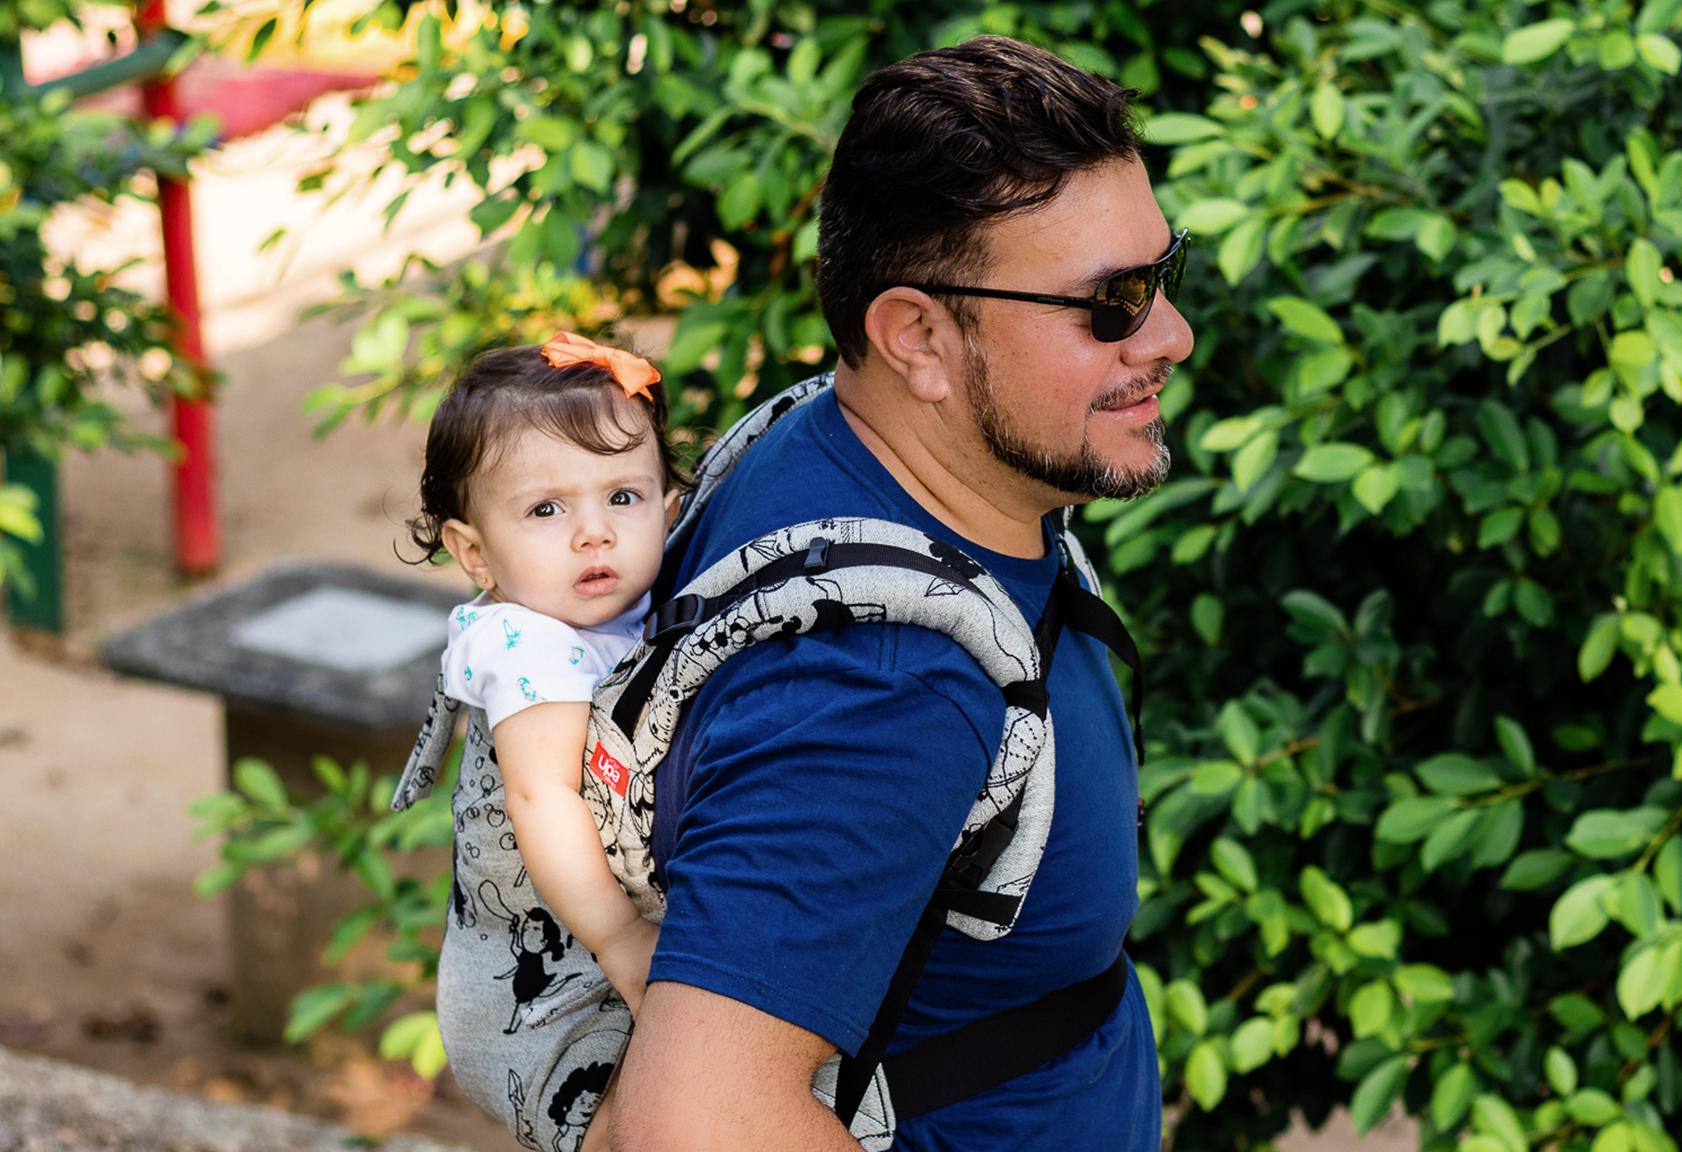 Colo de pai é tão importante para o desenvolvimento das crianças quanto colo de mãe.